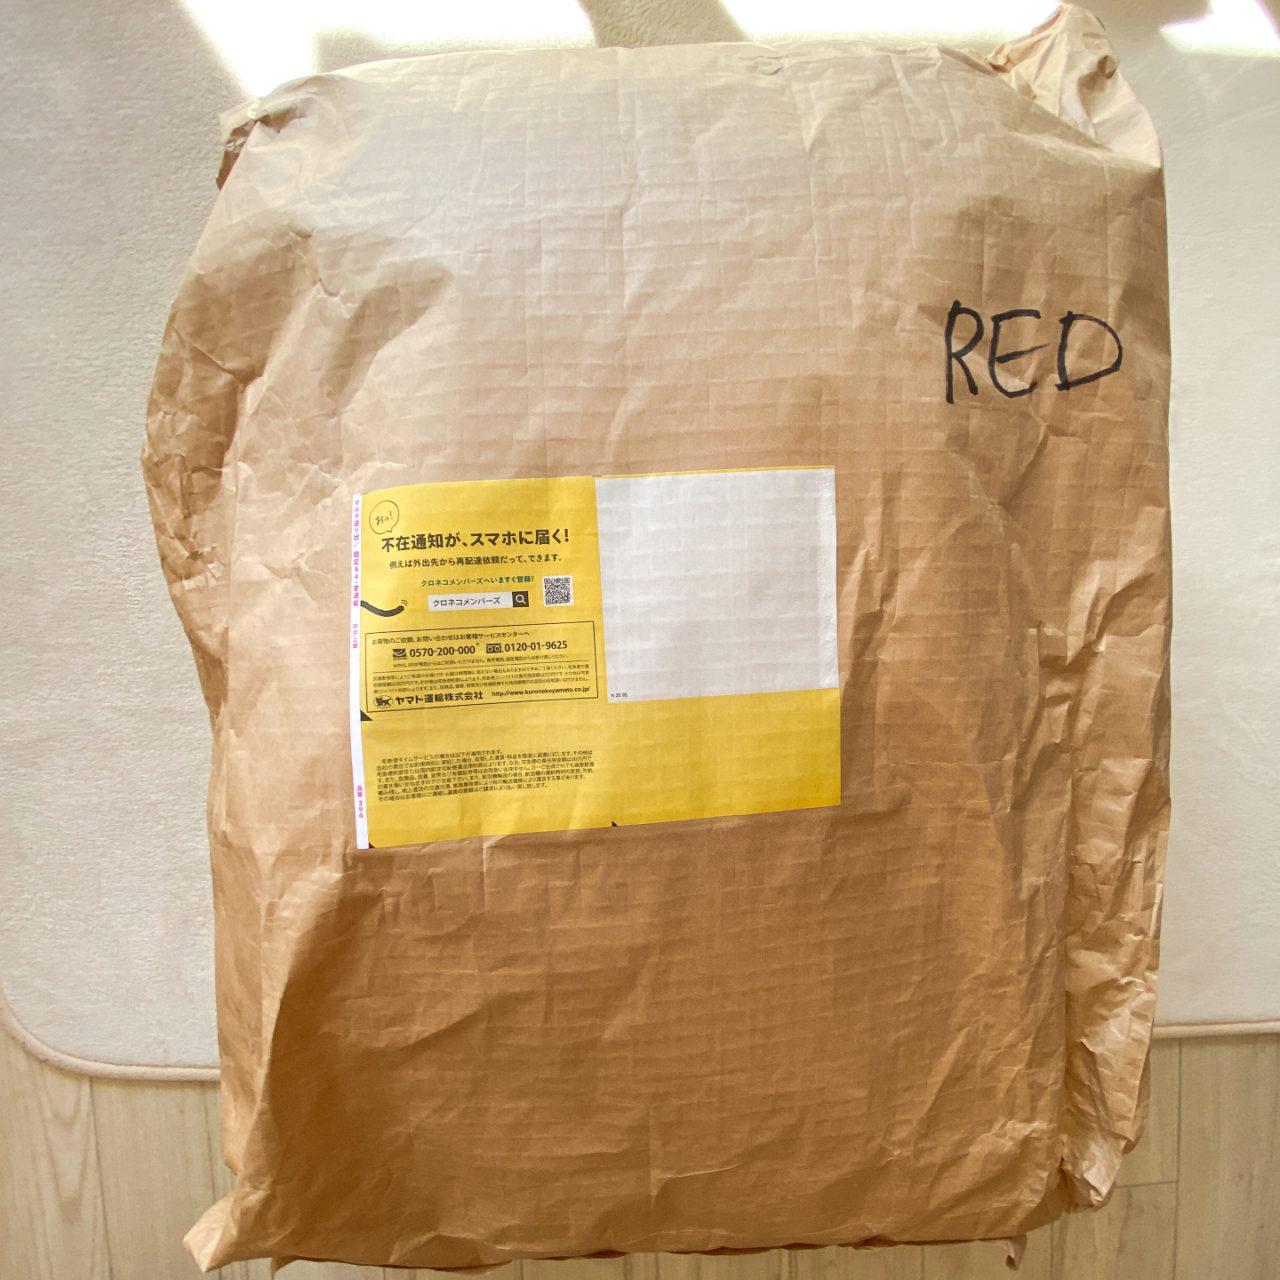 ビーズクッションが届いてときの包装されてるようす